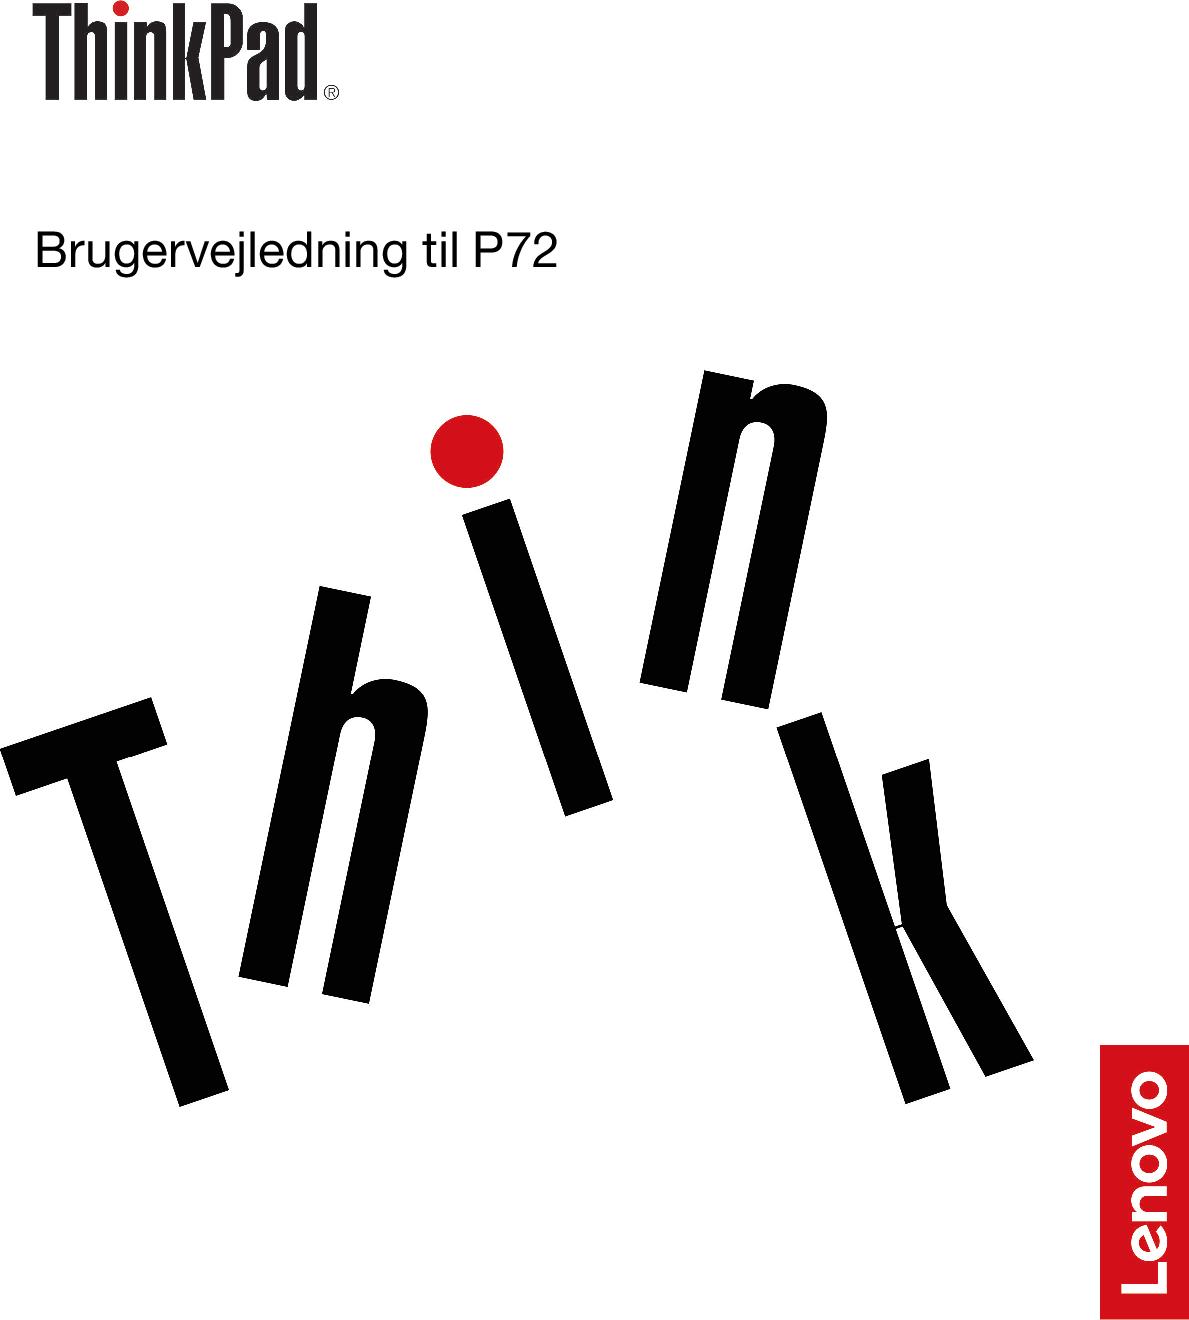 Lenovo Brugervejledning Til P72 (Danish) User Guide Think